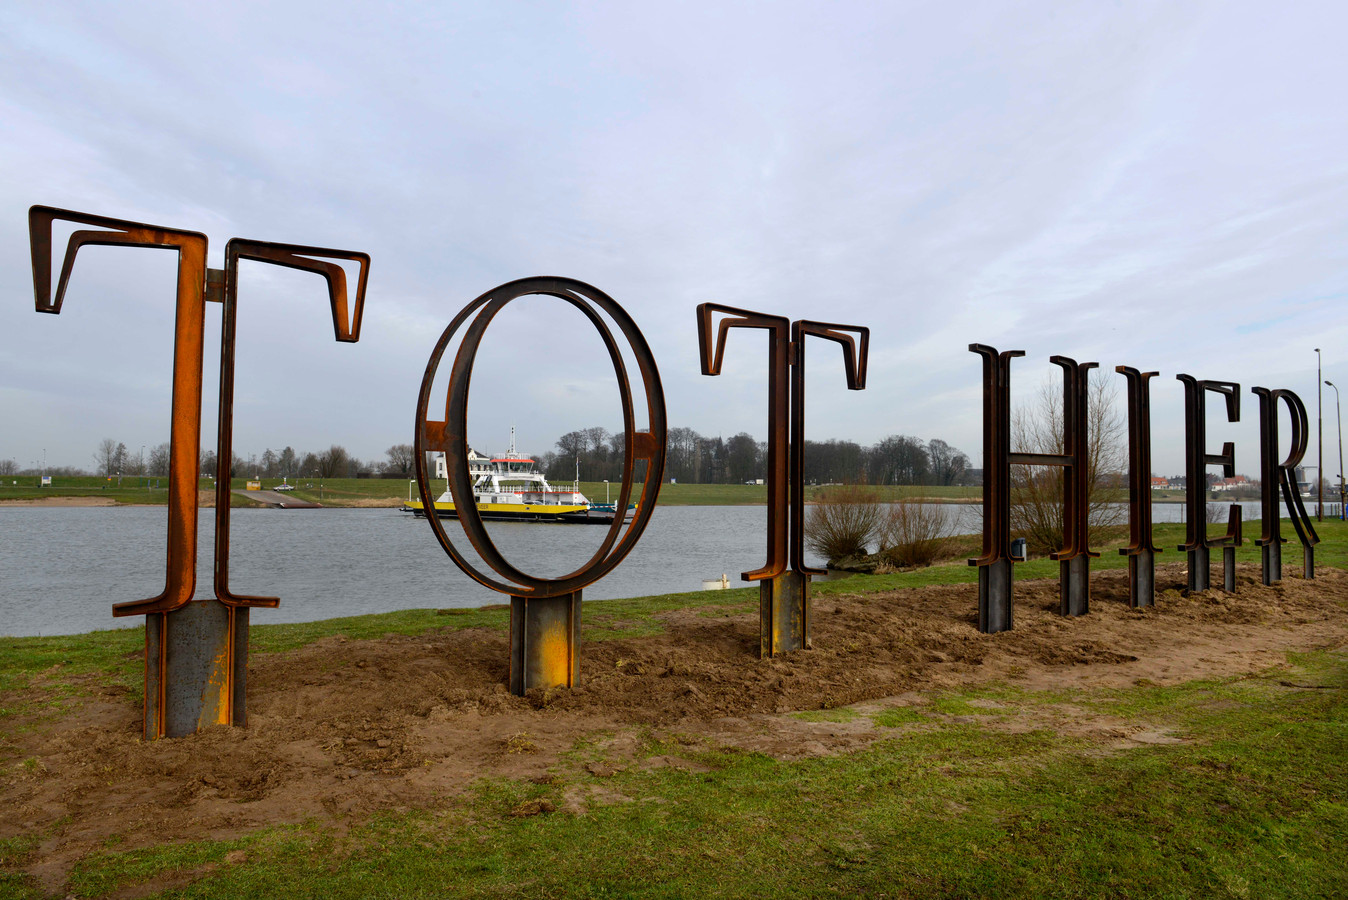 De letters Tot Hier bij Rijswijk symboliseren het einde van de Romeinse opmars